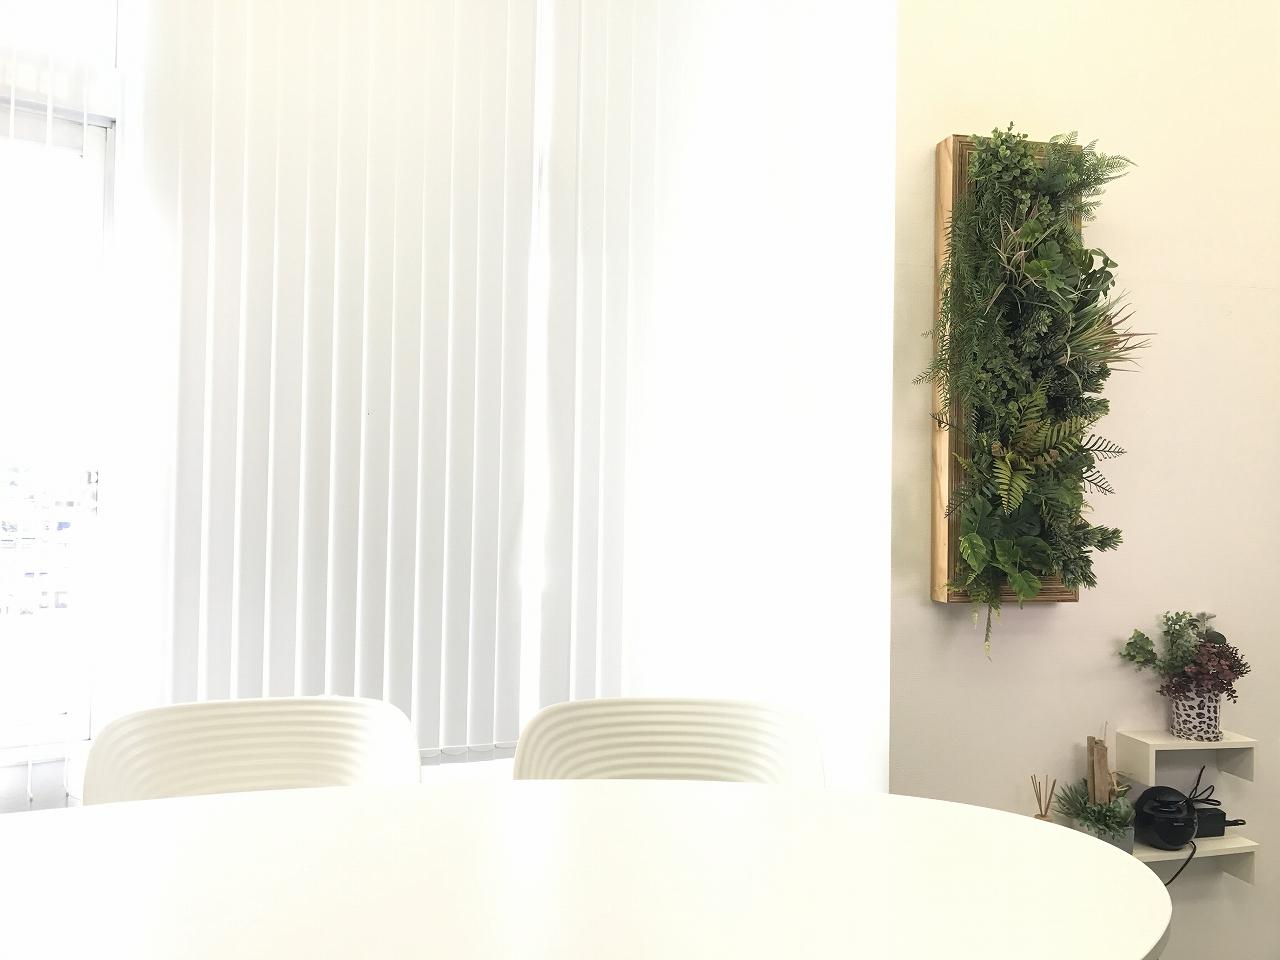 【送料無料】GreenFrame【デコプラ】 壁面緑化 壁飾り フェイクグリーン パネル 屋内 インテリア おしゃれ アート ボタニカルライフ ナチュラル 人工 人工樹木 岩 花 植物 装飾 壁 壁掛け 壁付け 額物 額入り プレゼント 贈り物 玄関 リビング オフィス